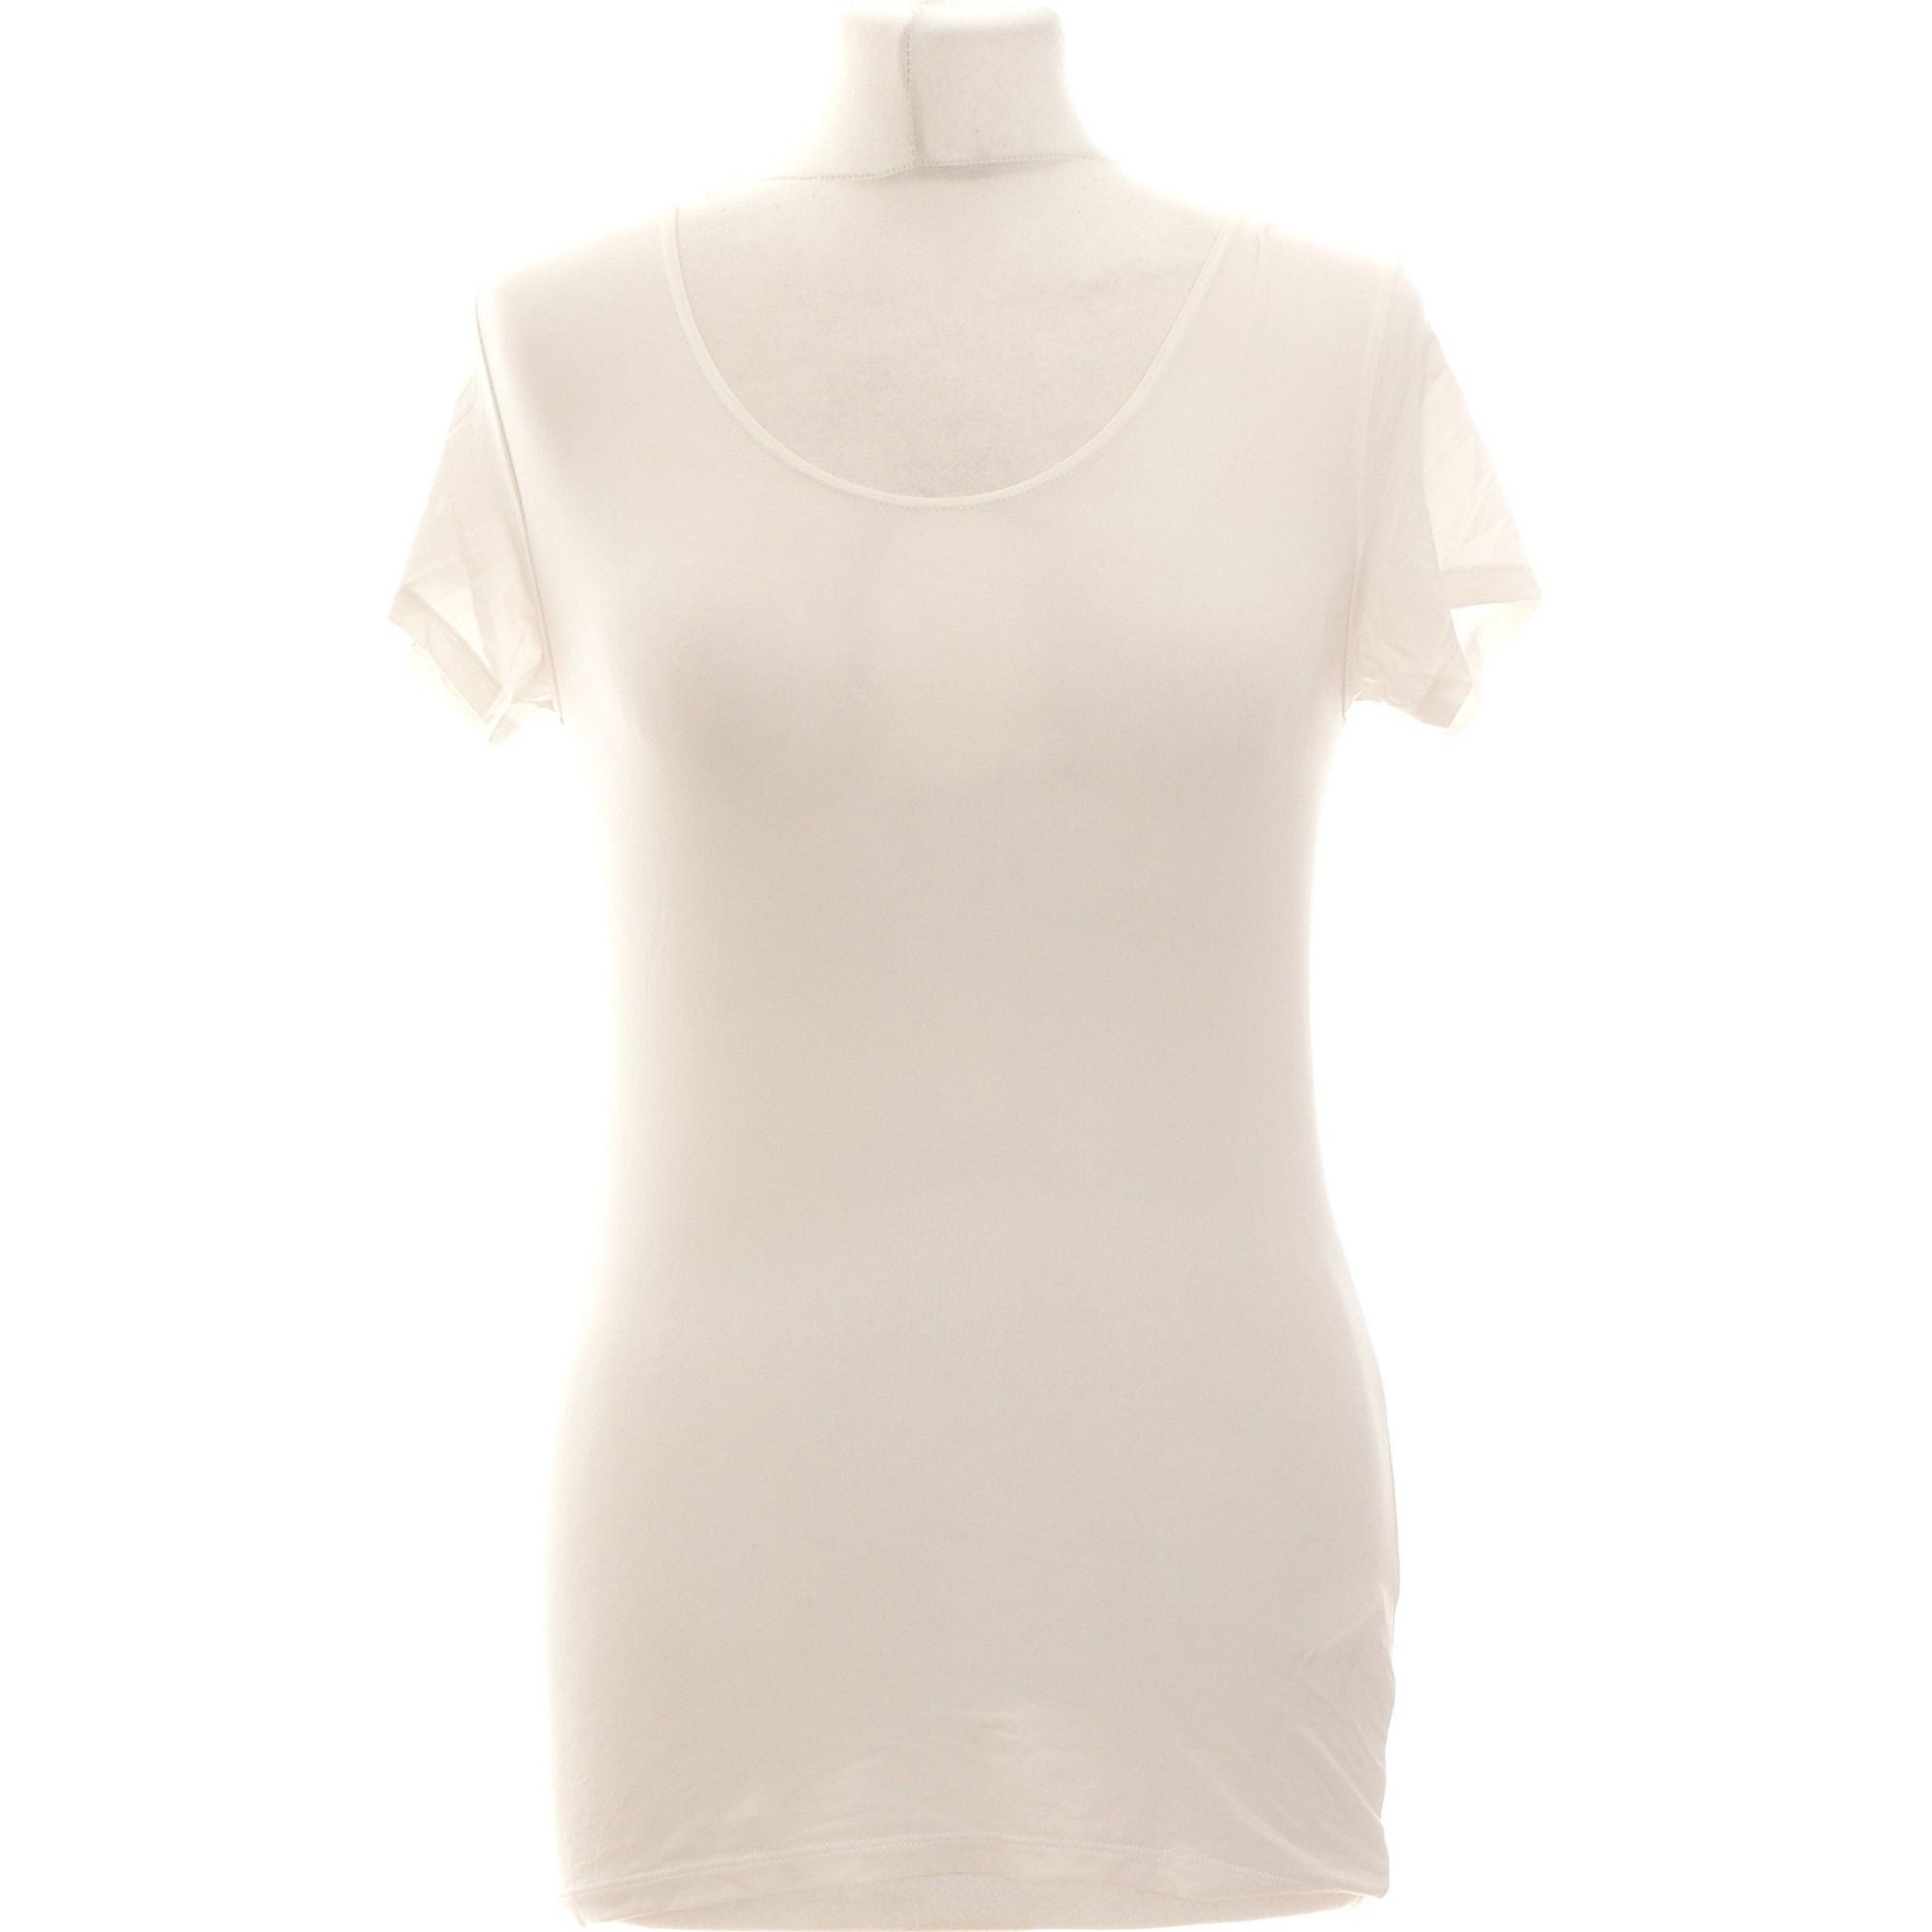 Top, tee-shirt UNIQLO Blanc, blanc cassé, écru